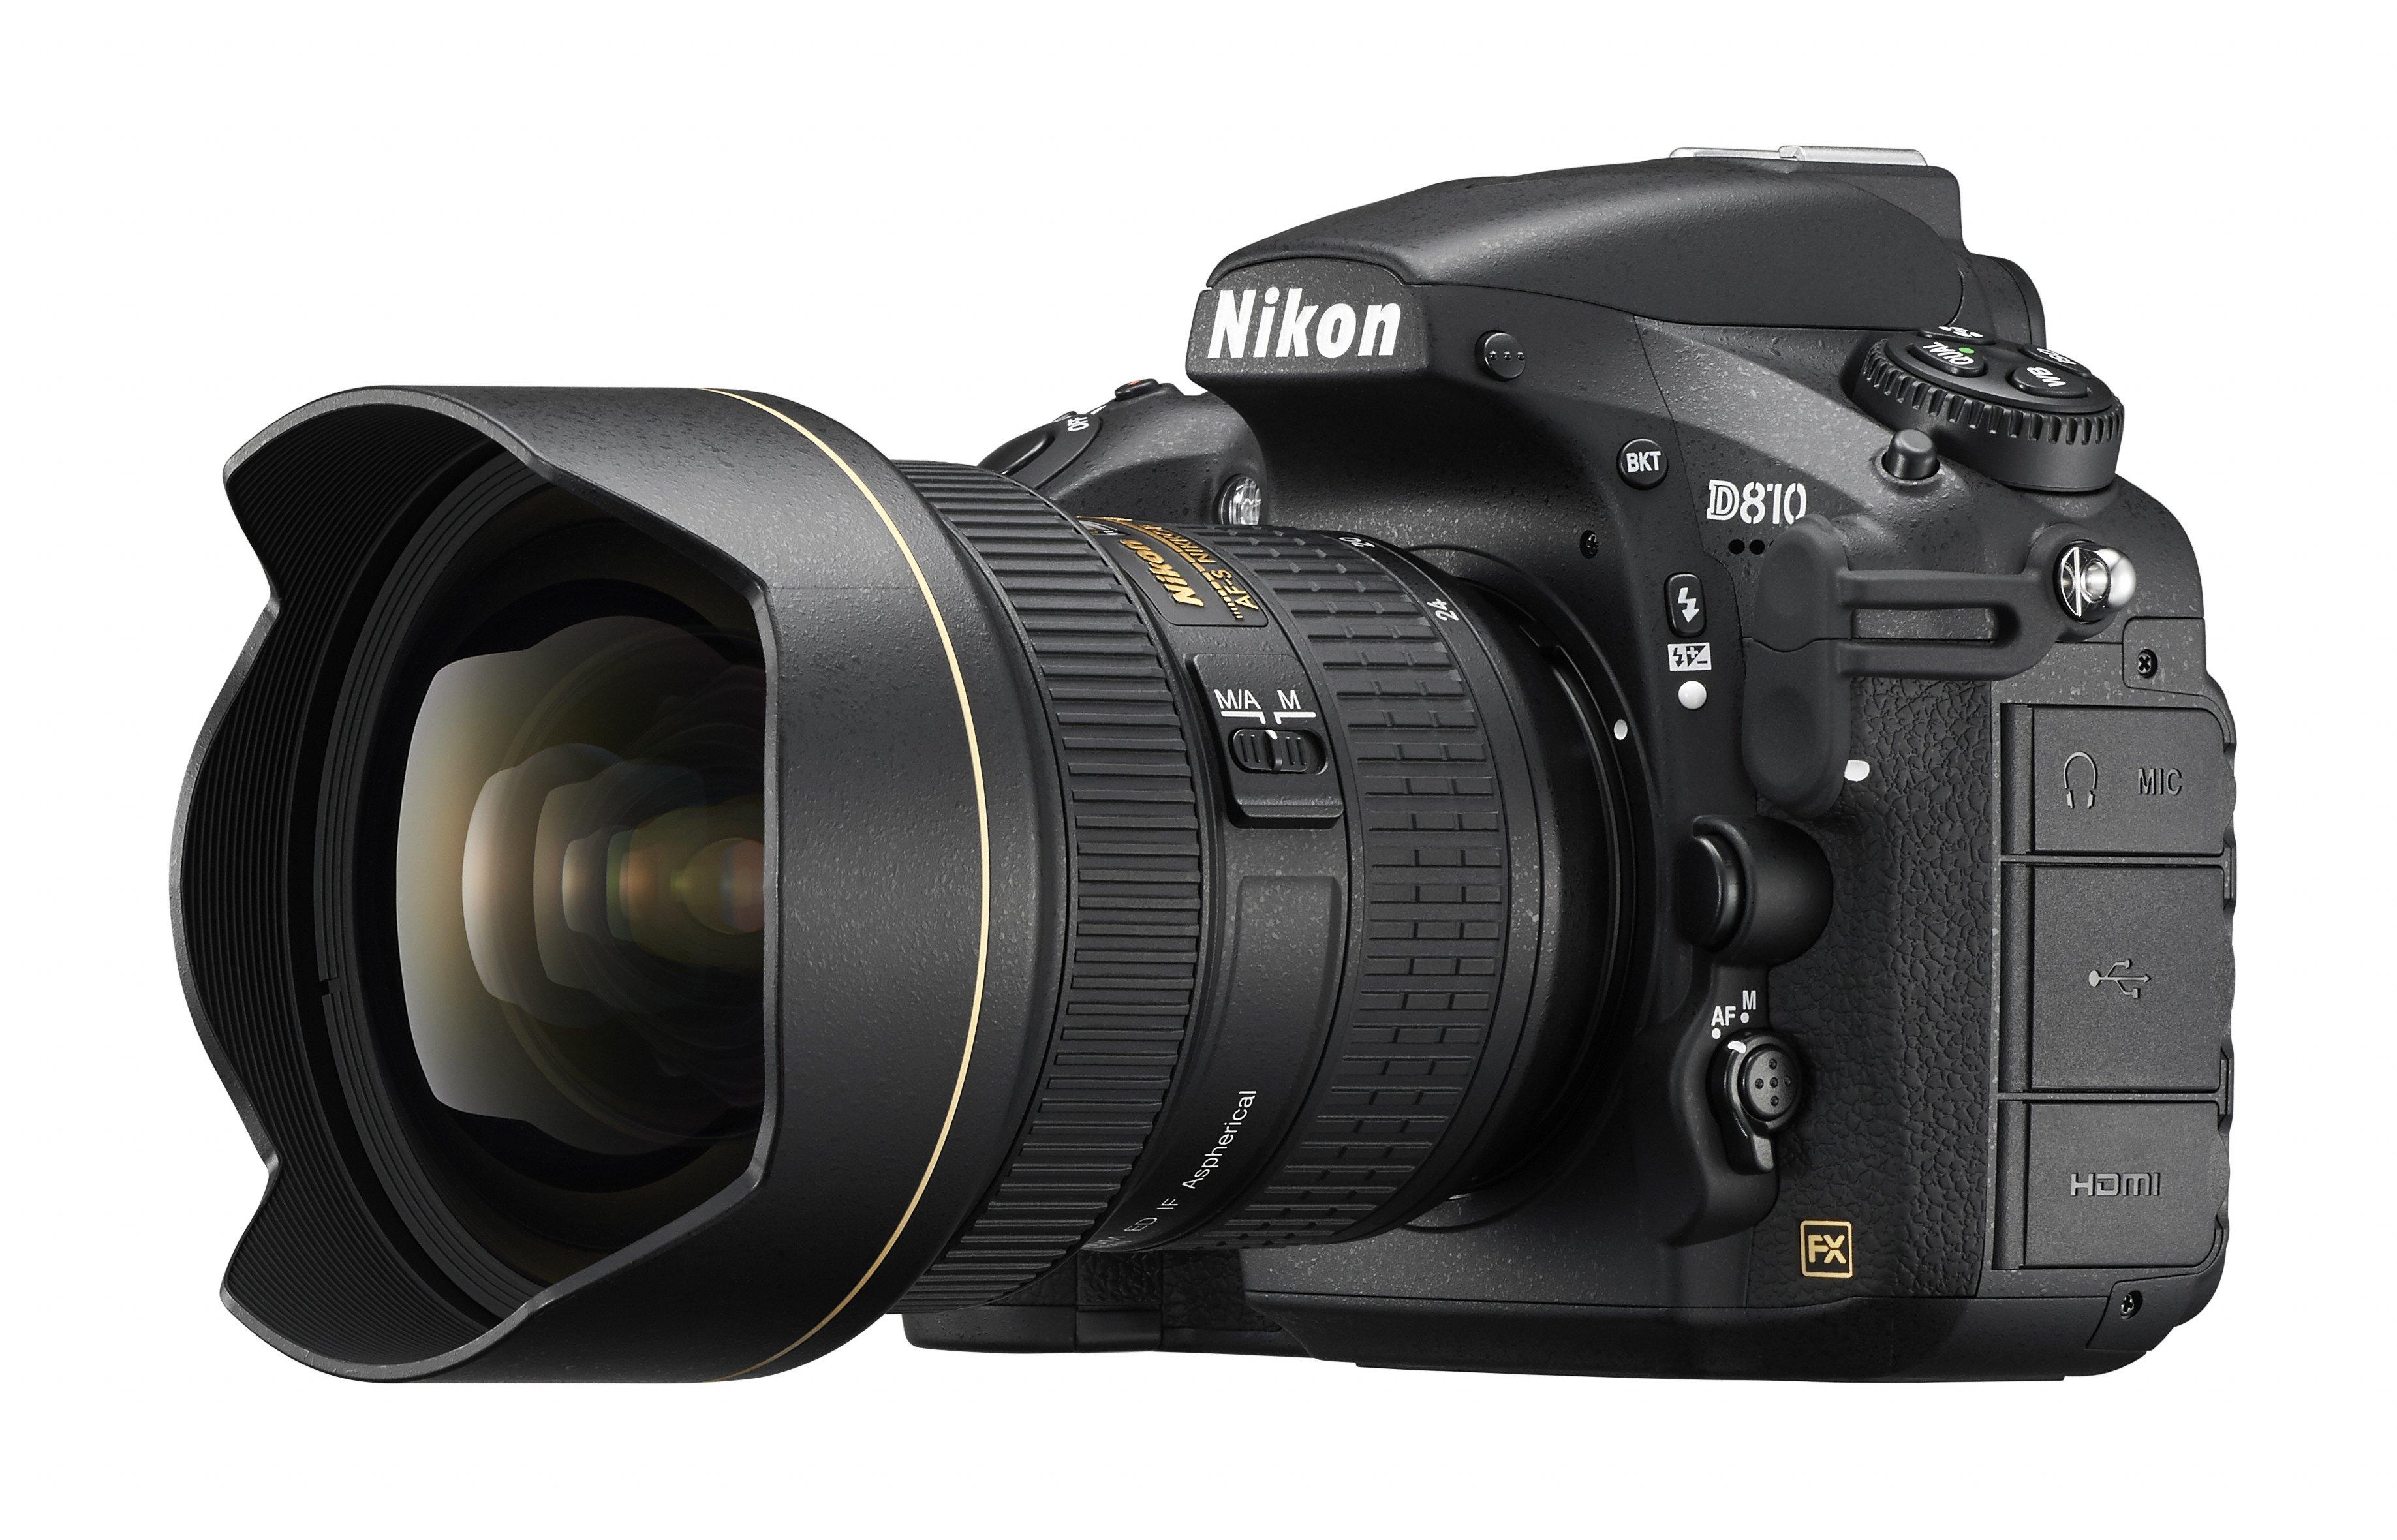 Nikon dévoile (légèrement) son futur appareil photo hybride